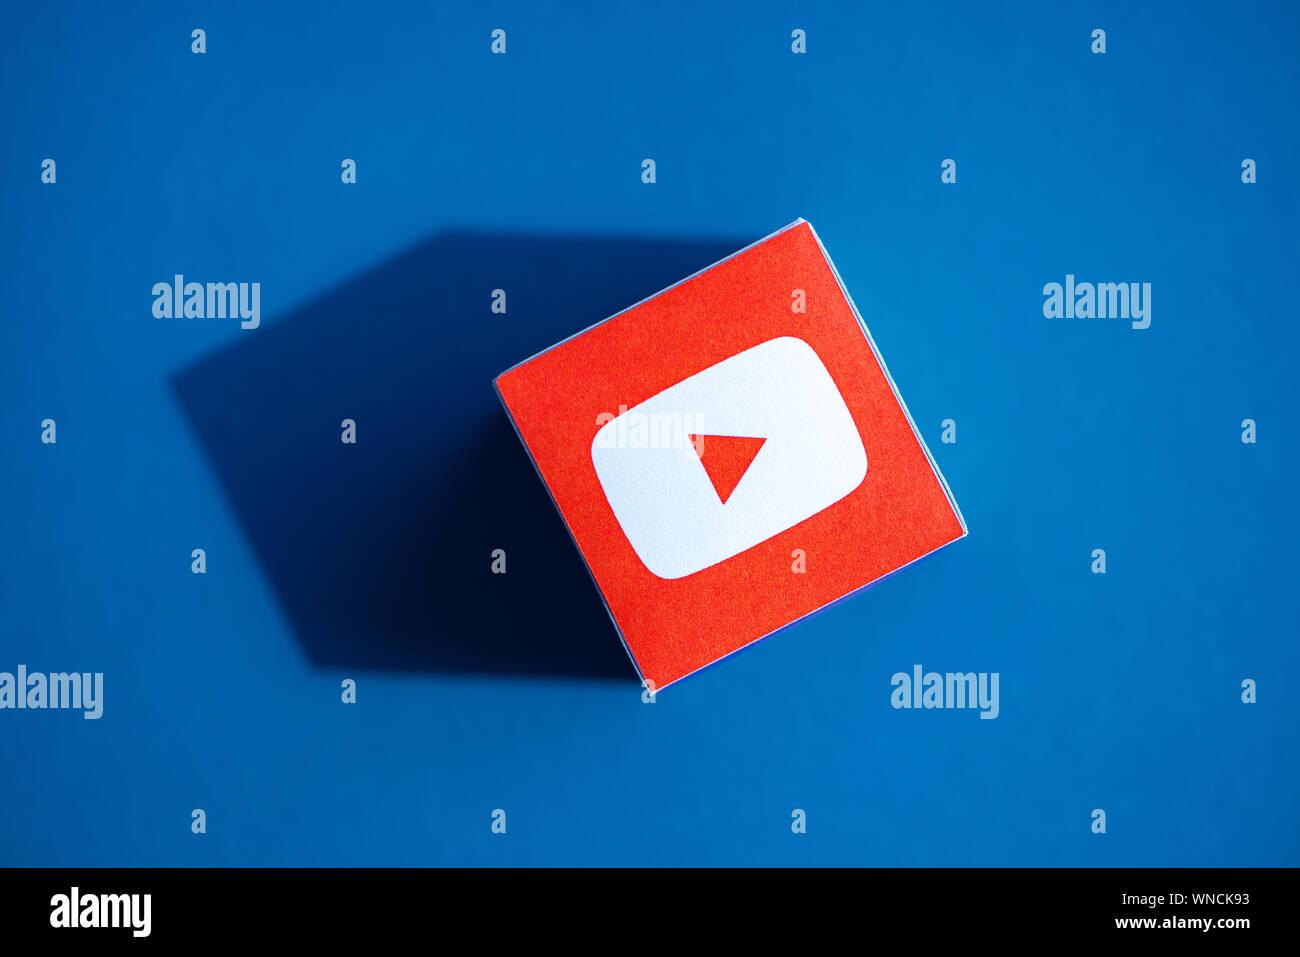 Un coup de feu au-dessus du cube papier imprimé avec le logo de l'application YouTube, qui a placé sur un fond bleu. Banque D'Images